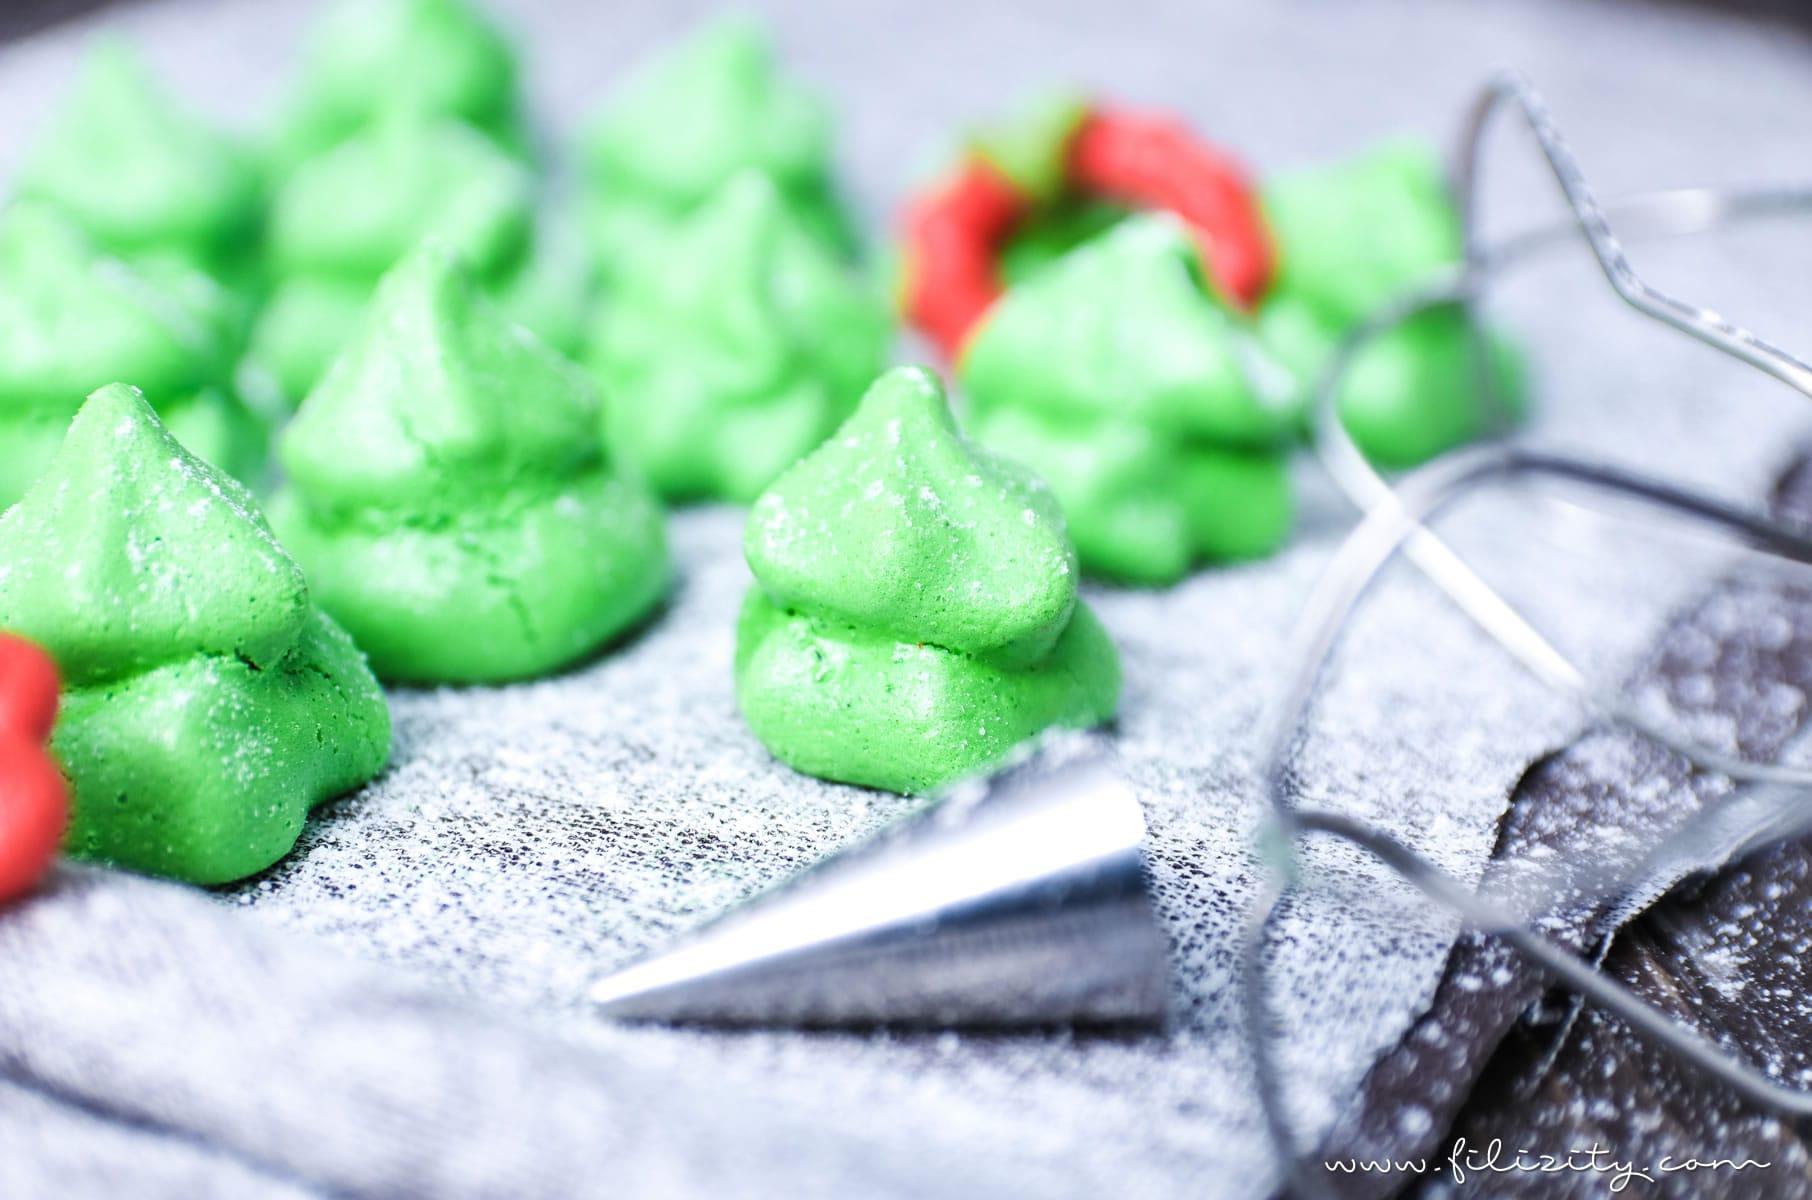 Plätzchen-Rezept: Tannenbäumchen und Weihnachtskränze aus Baiser #plätzchen #weihnachten #advent